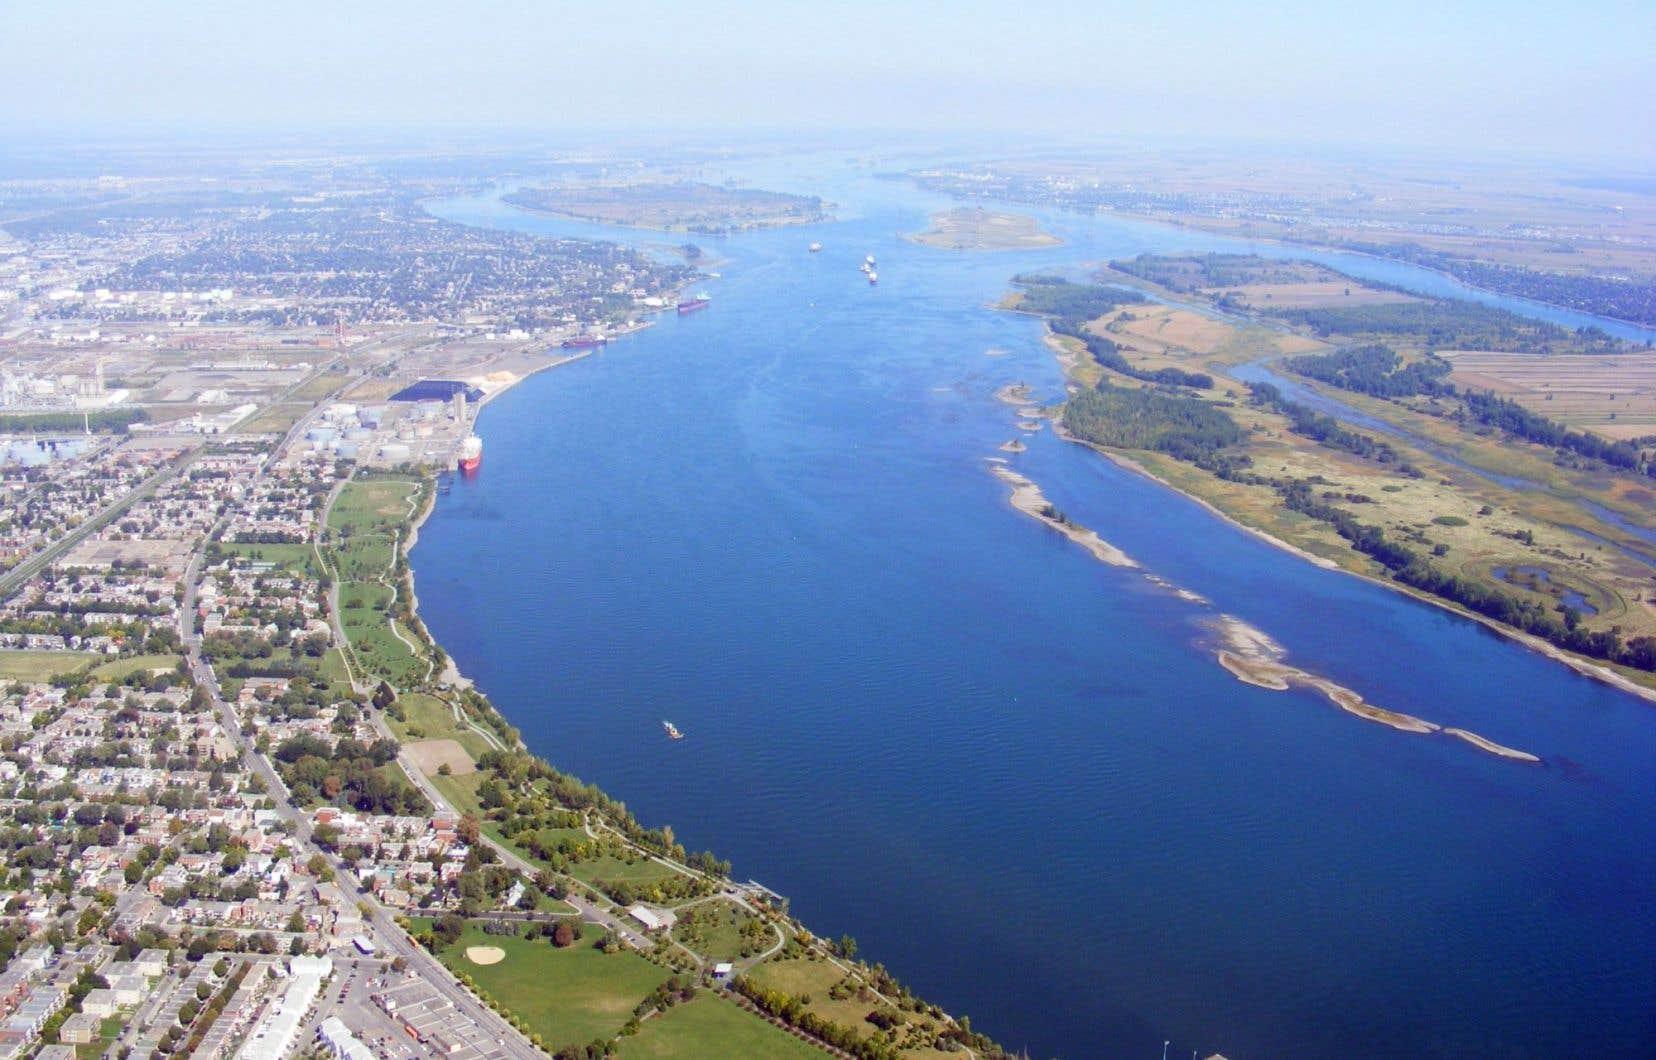 Les entreprises détiennent ainsi près de 16 000 km2 de permis d'exploration entre Montréal et Québec, de part et d'autre du fleuve Saint-Laurent.